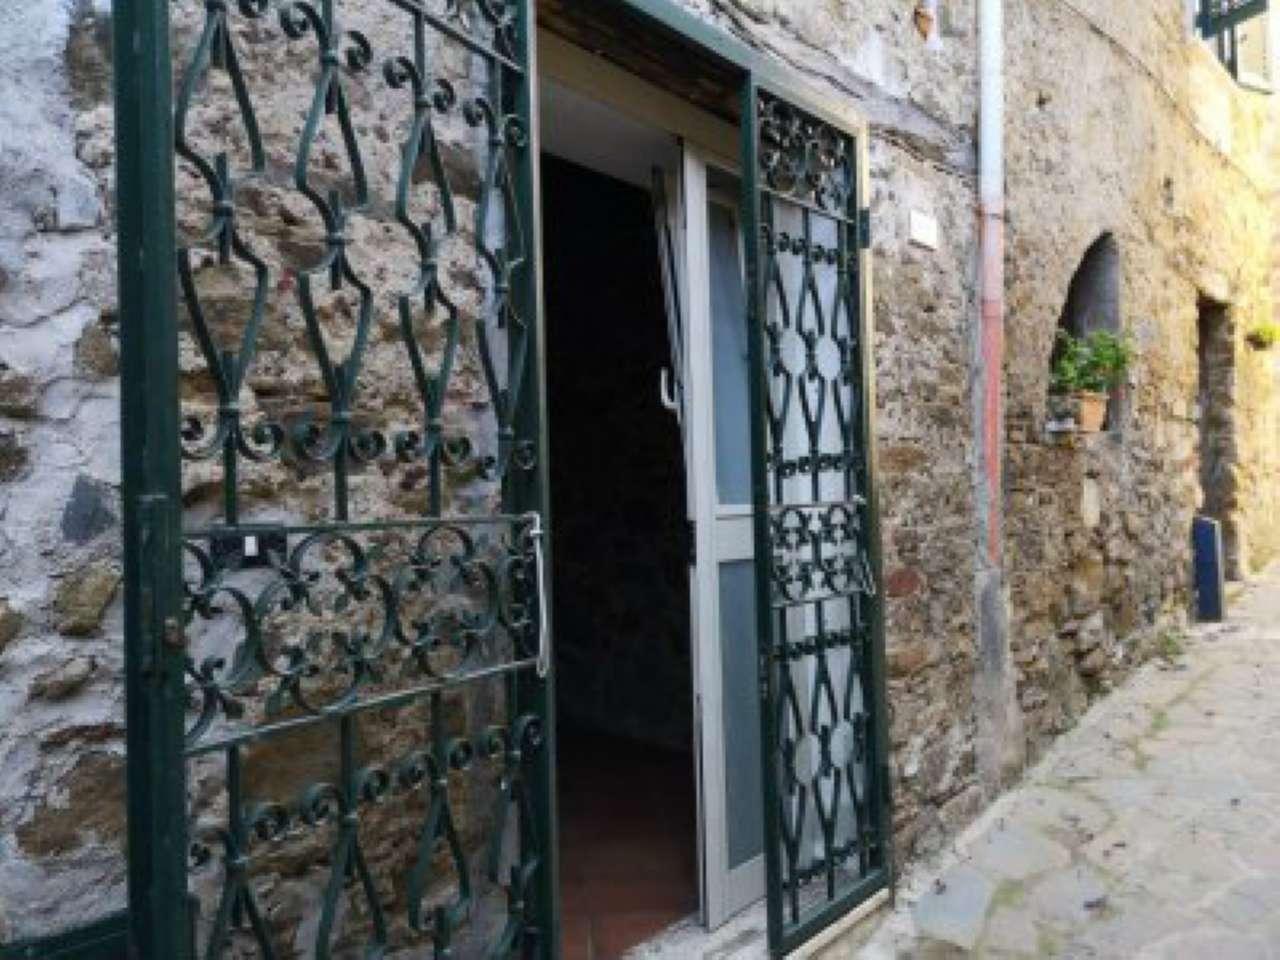 Appartamento in vendita a Altavilla Silentina, 2 locali, prezzo € 30.000   CambioCasa.it